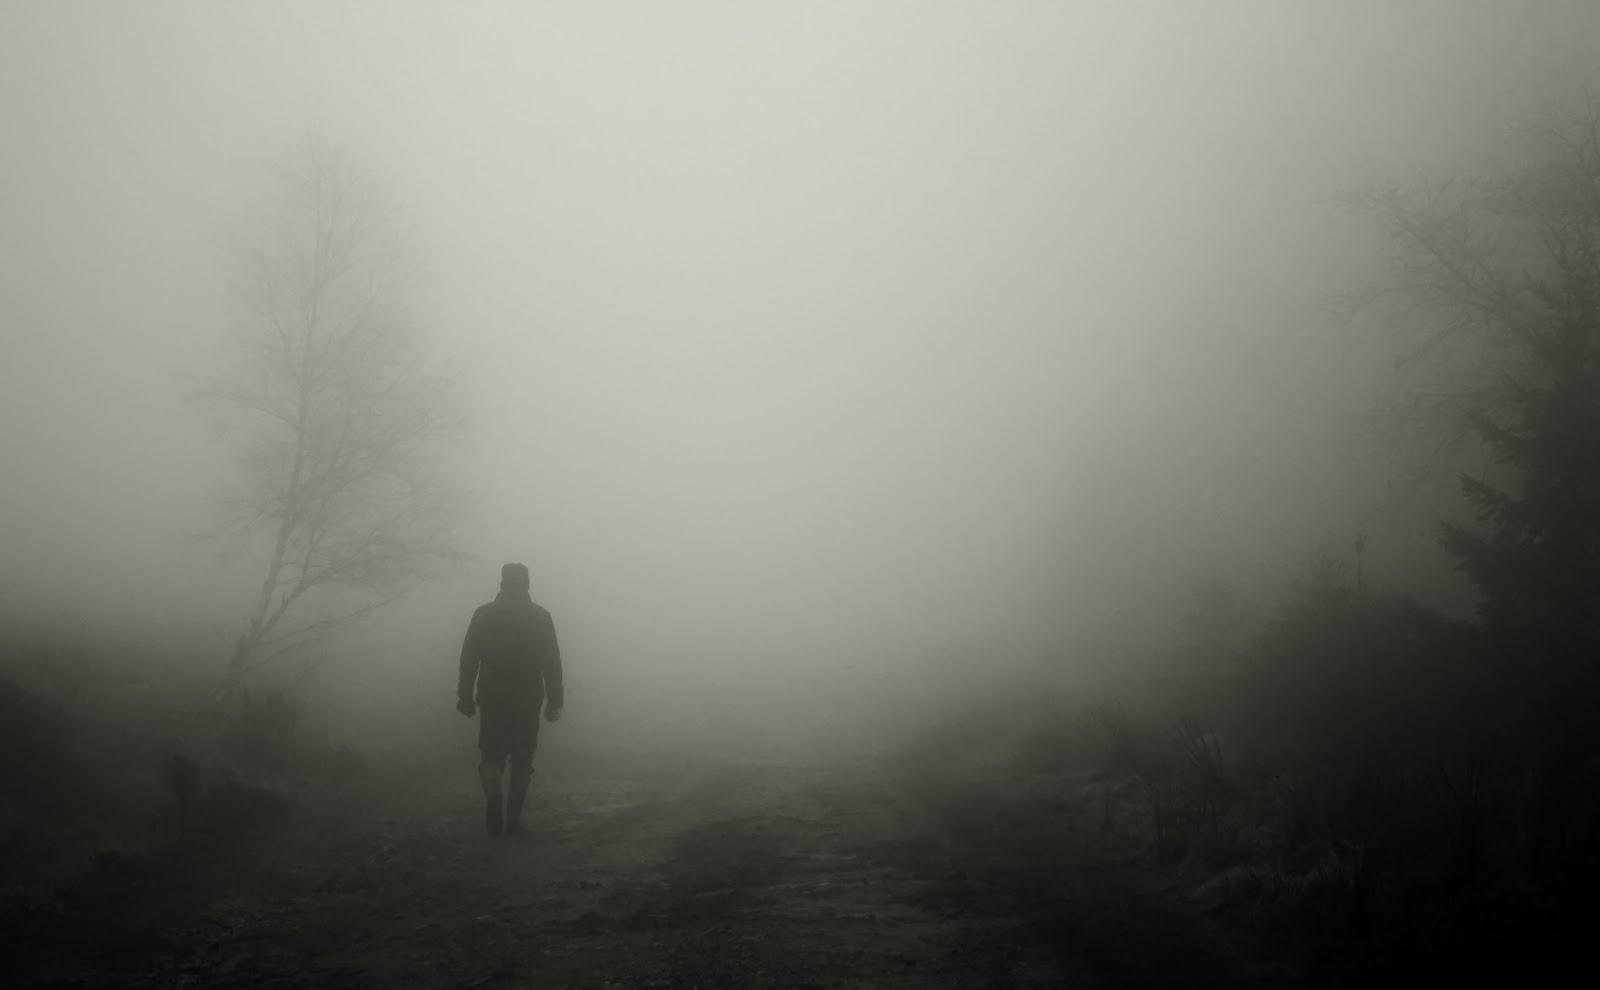 暗鬱な霧の中の歩行者